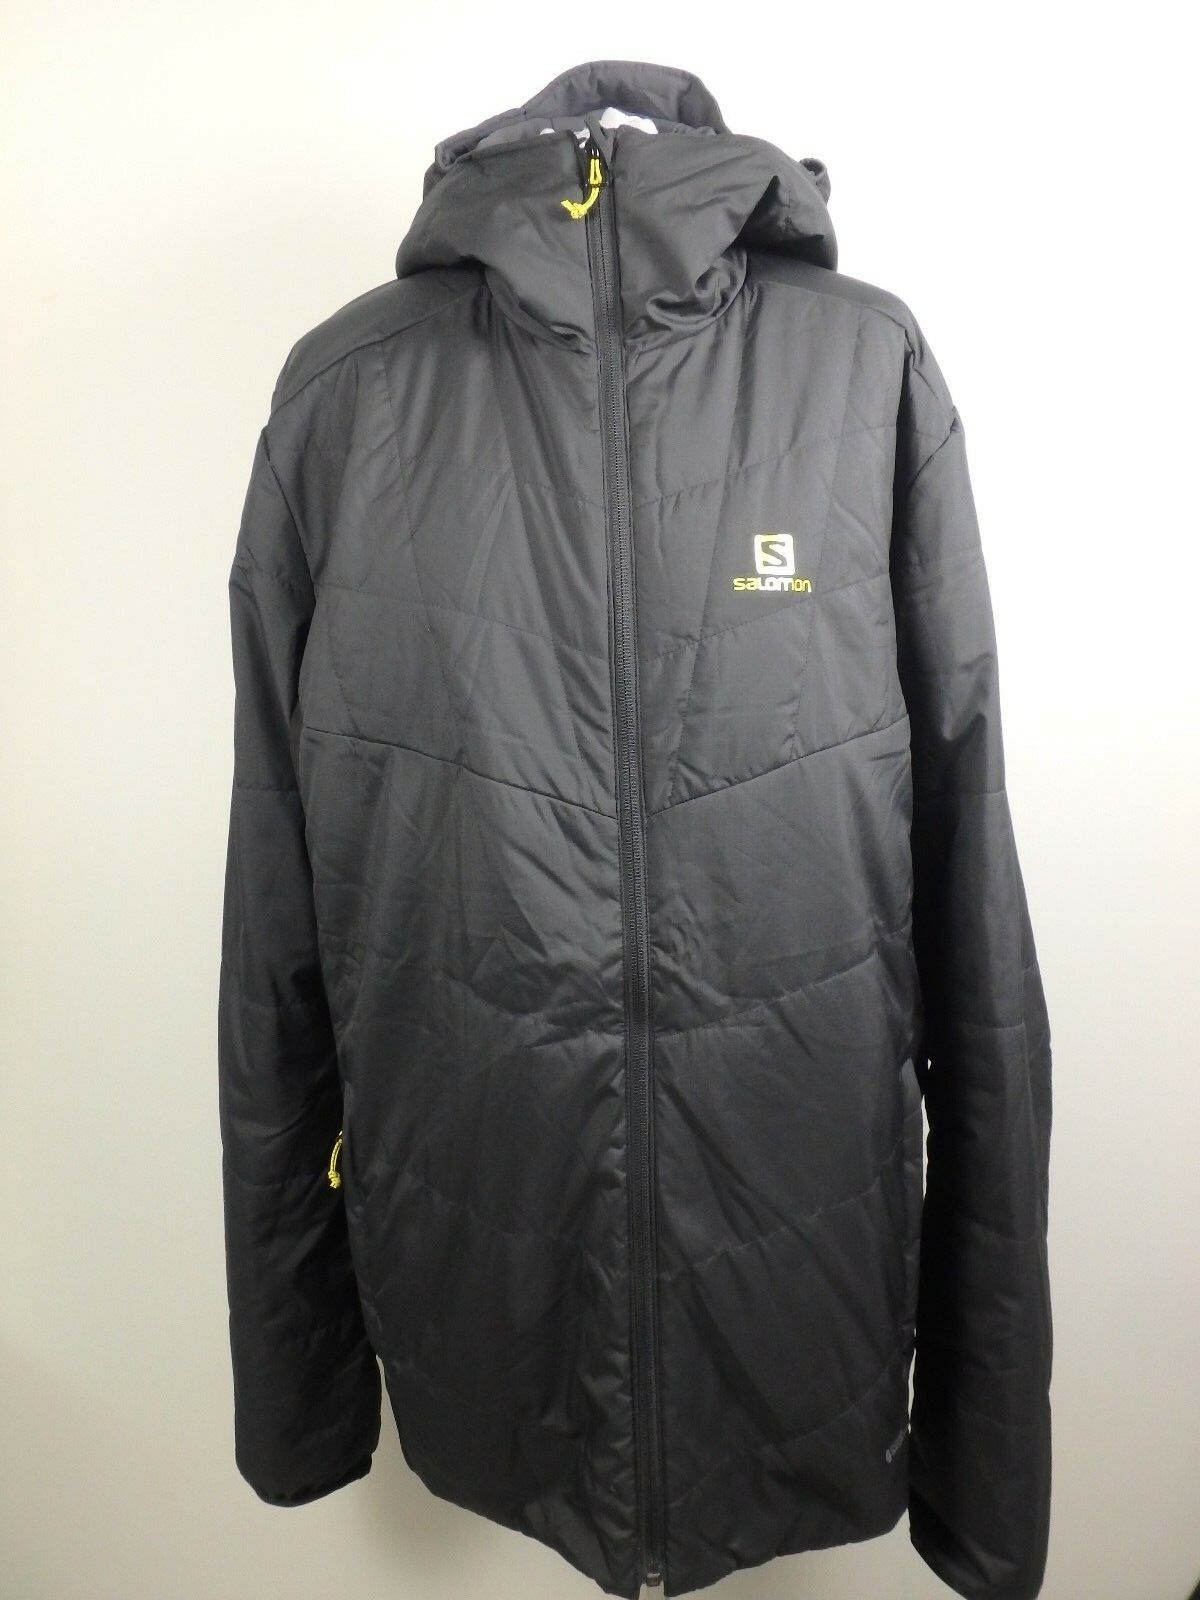 Salomón  28162 Drifter inflexión chaqueta chaqueta función chaqueta señores talla XL negro